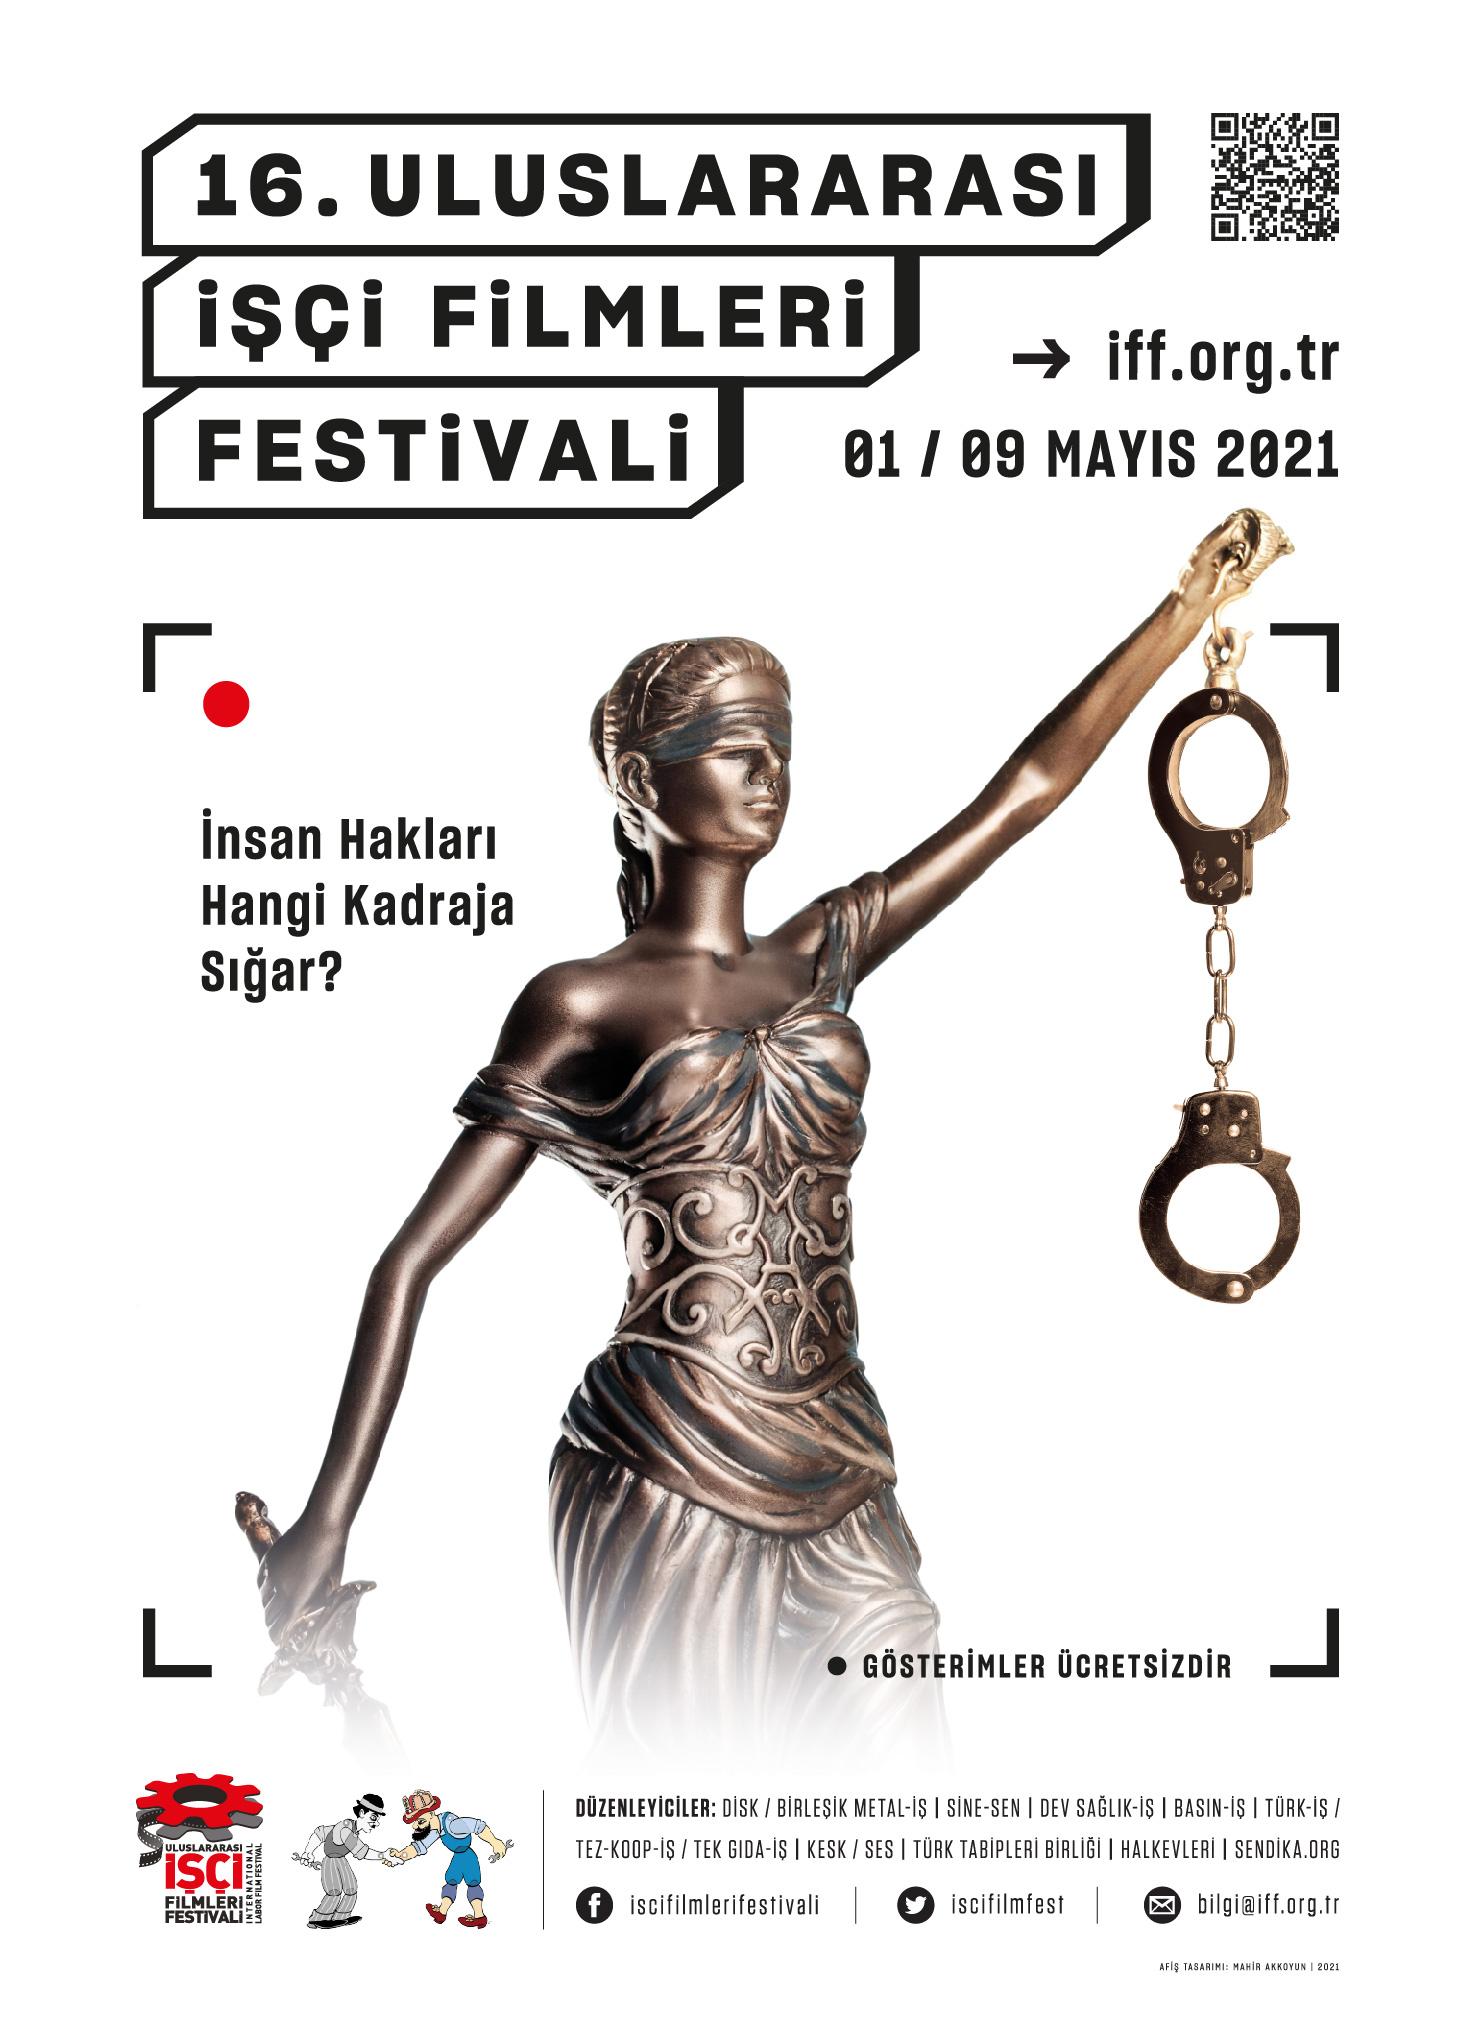 16 uluslararası işçi filmleri festivali